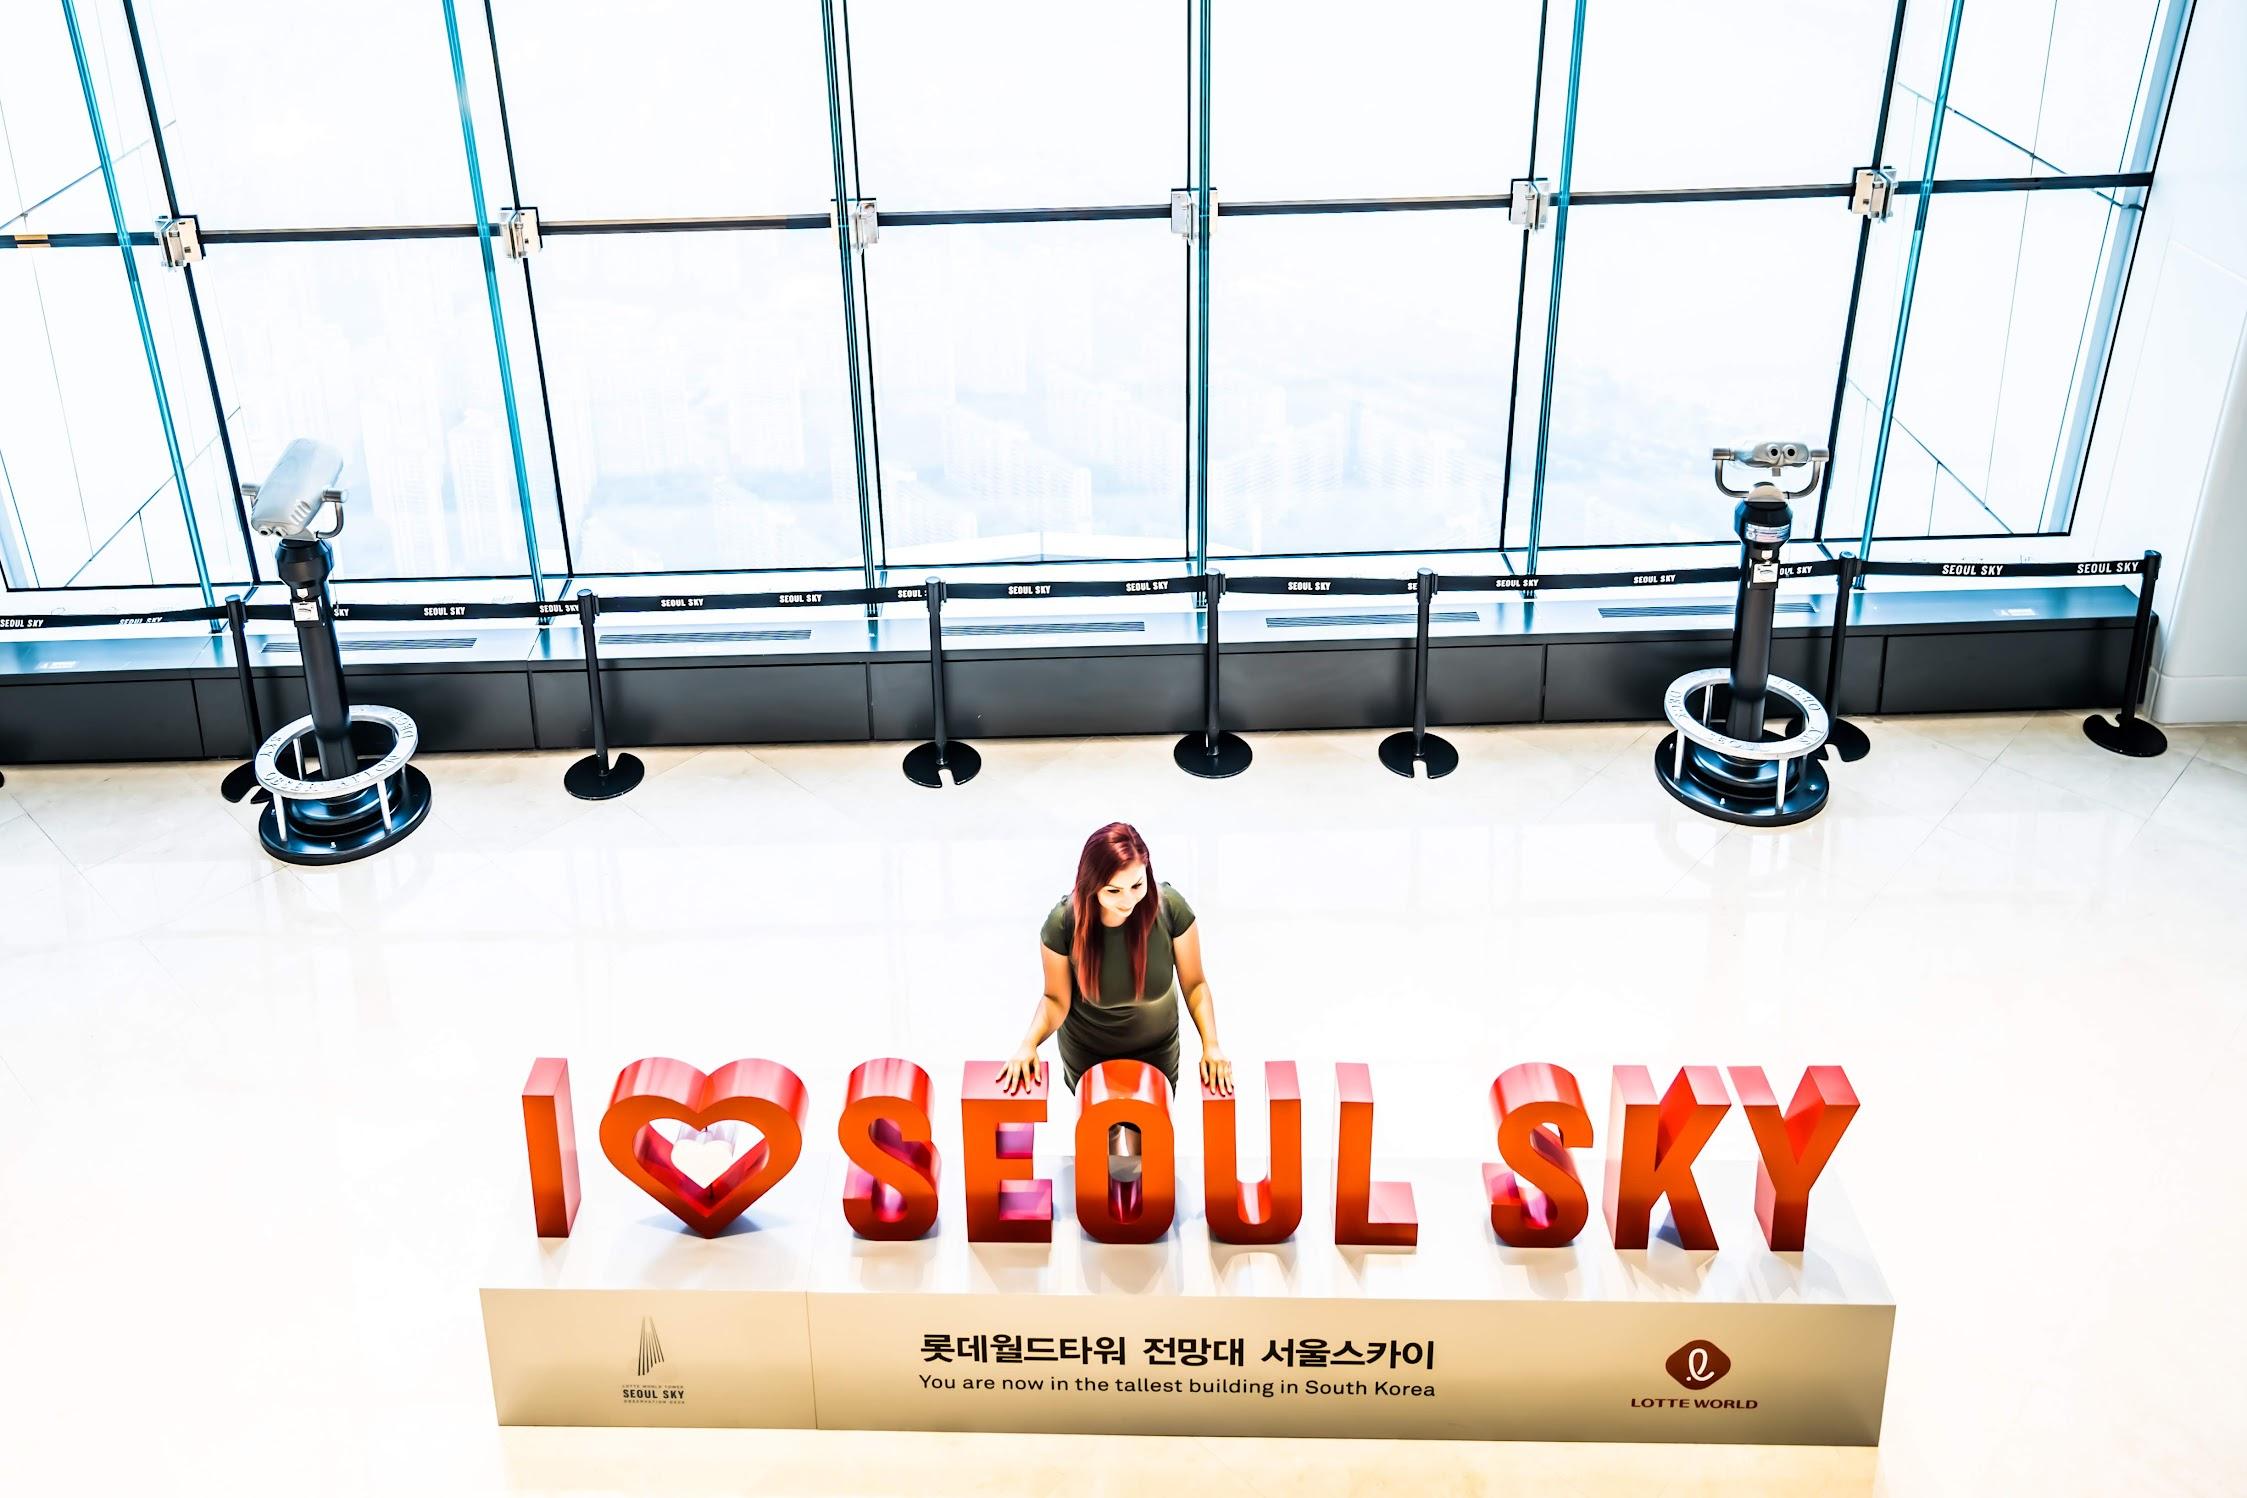 Lotte World Tower Observation Deck5